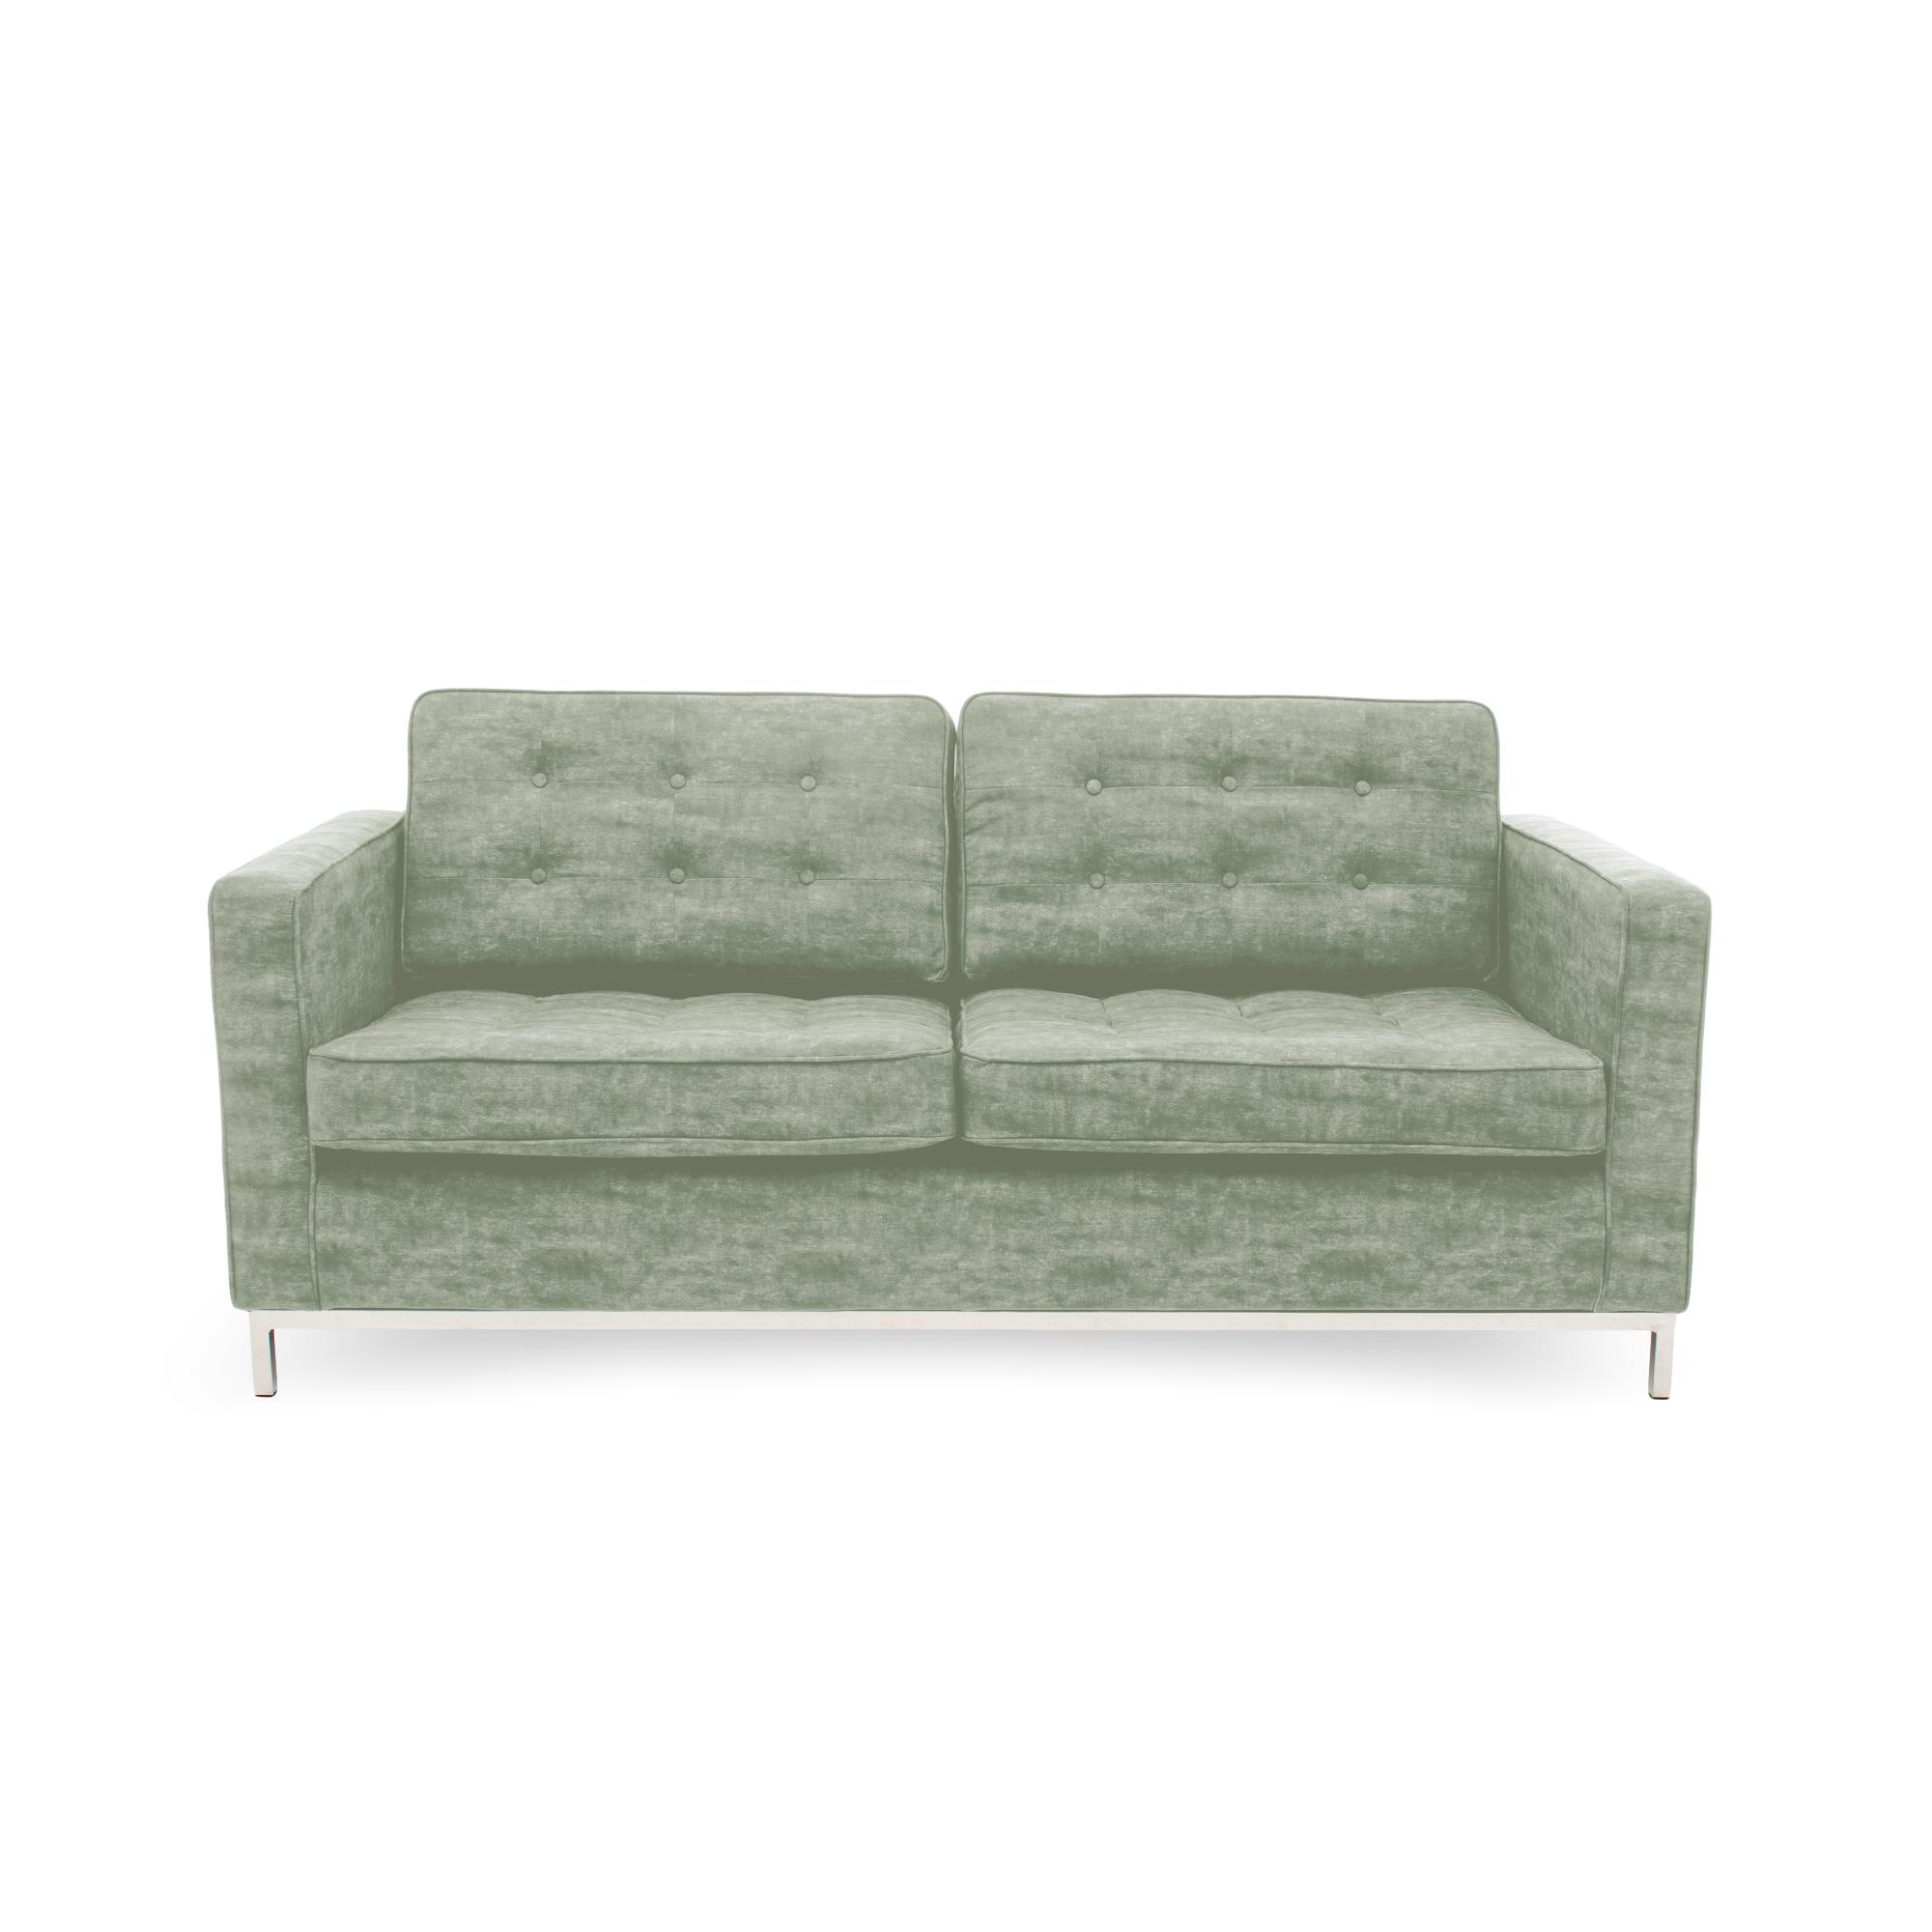 Canapea Fixa 3 locuri Ben Khaki